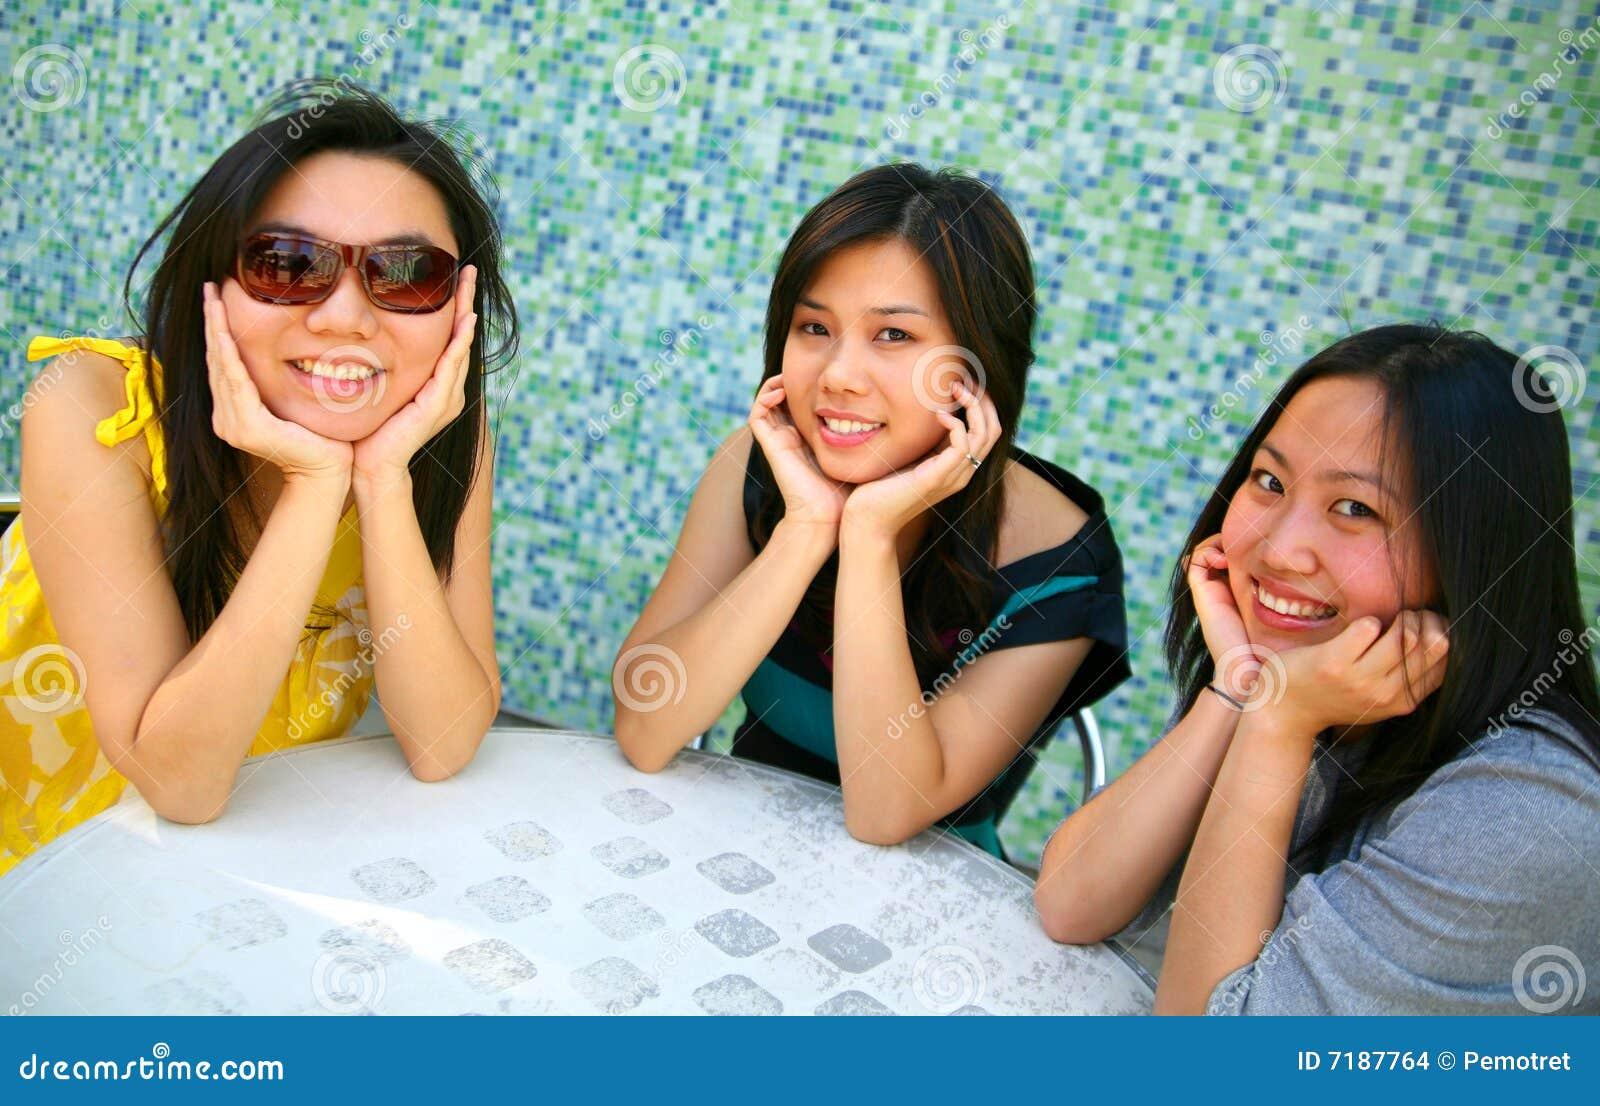 De glimlachende Aziatische Kin van de Holding van Meisjes